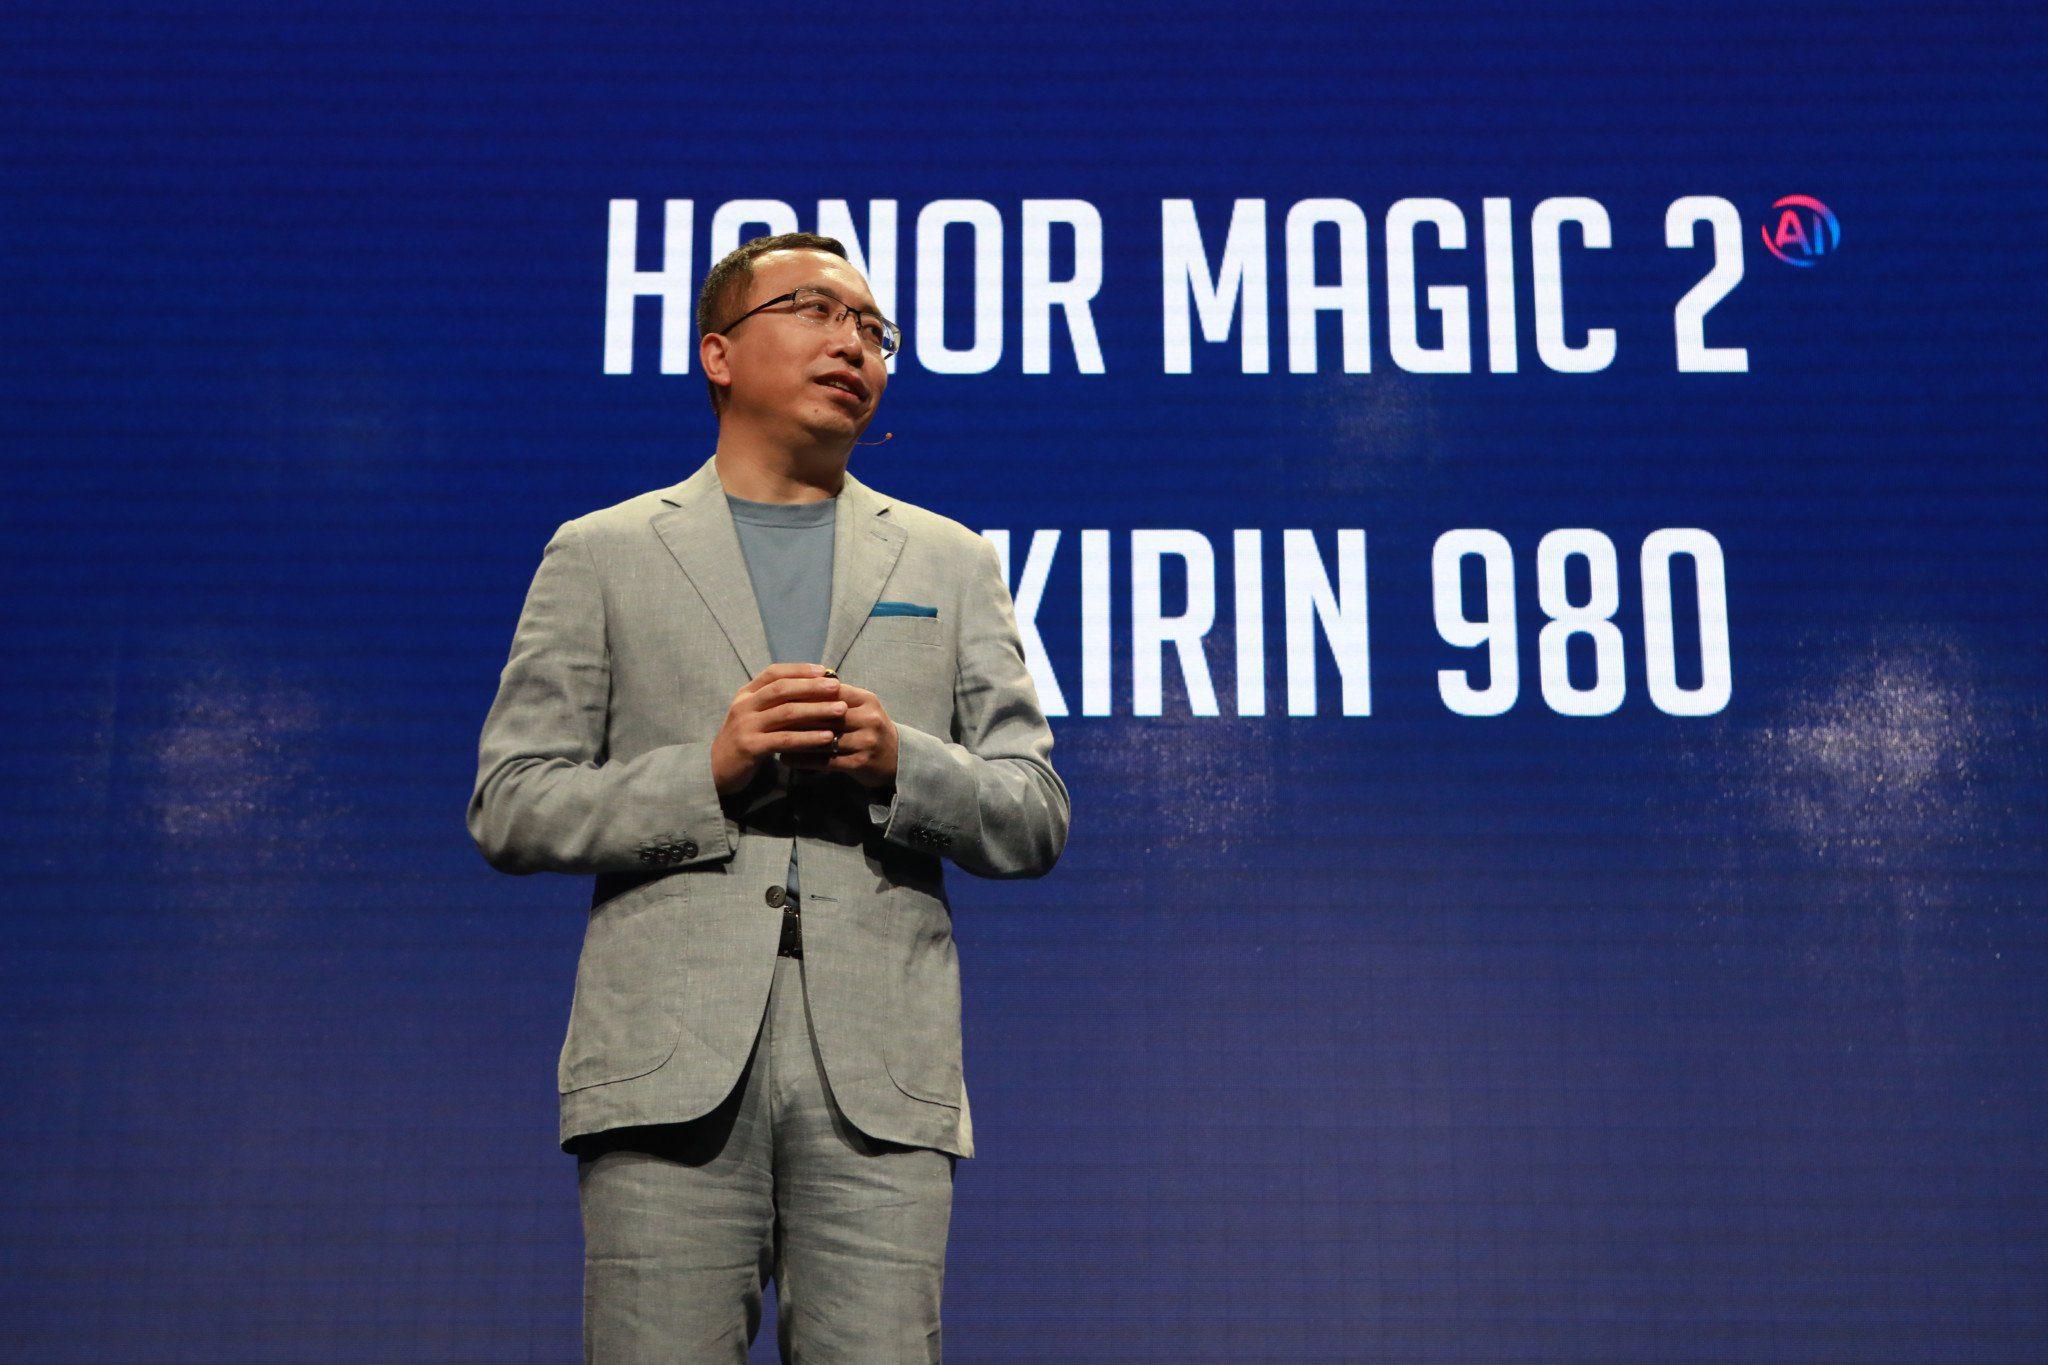 Honor Magic 2 Kirin 980